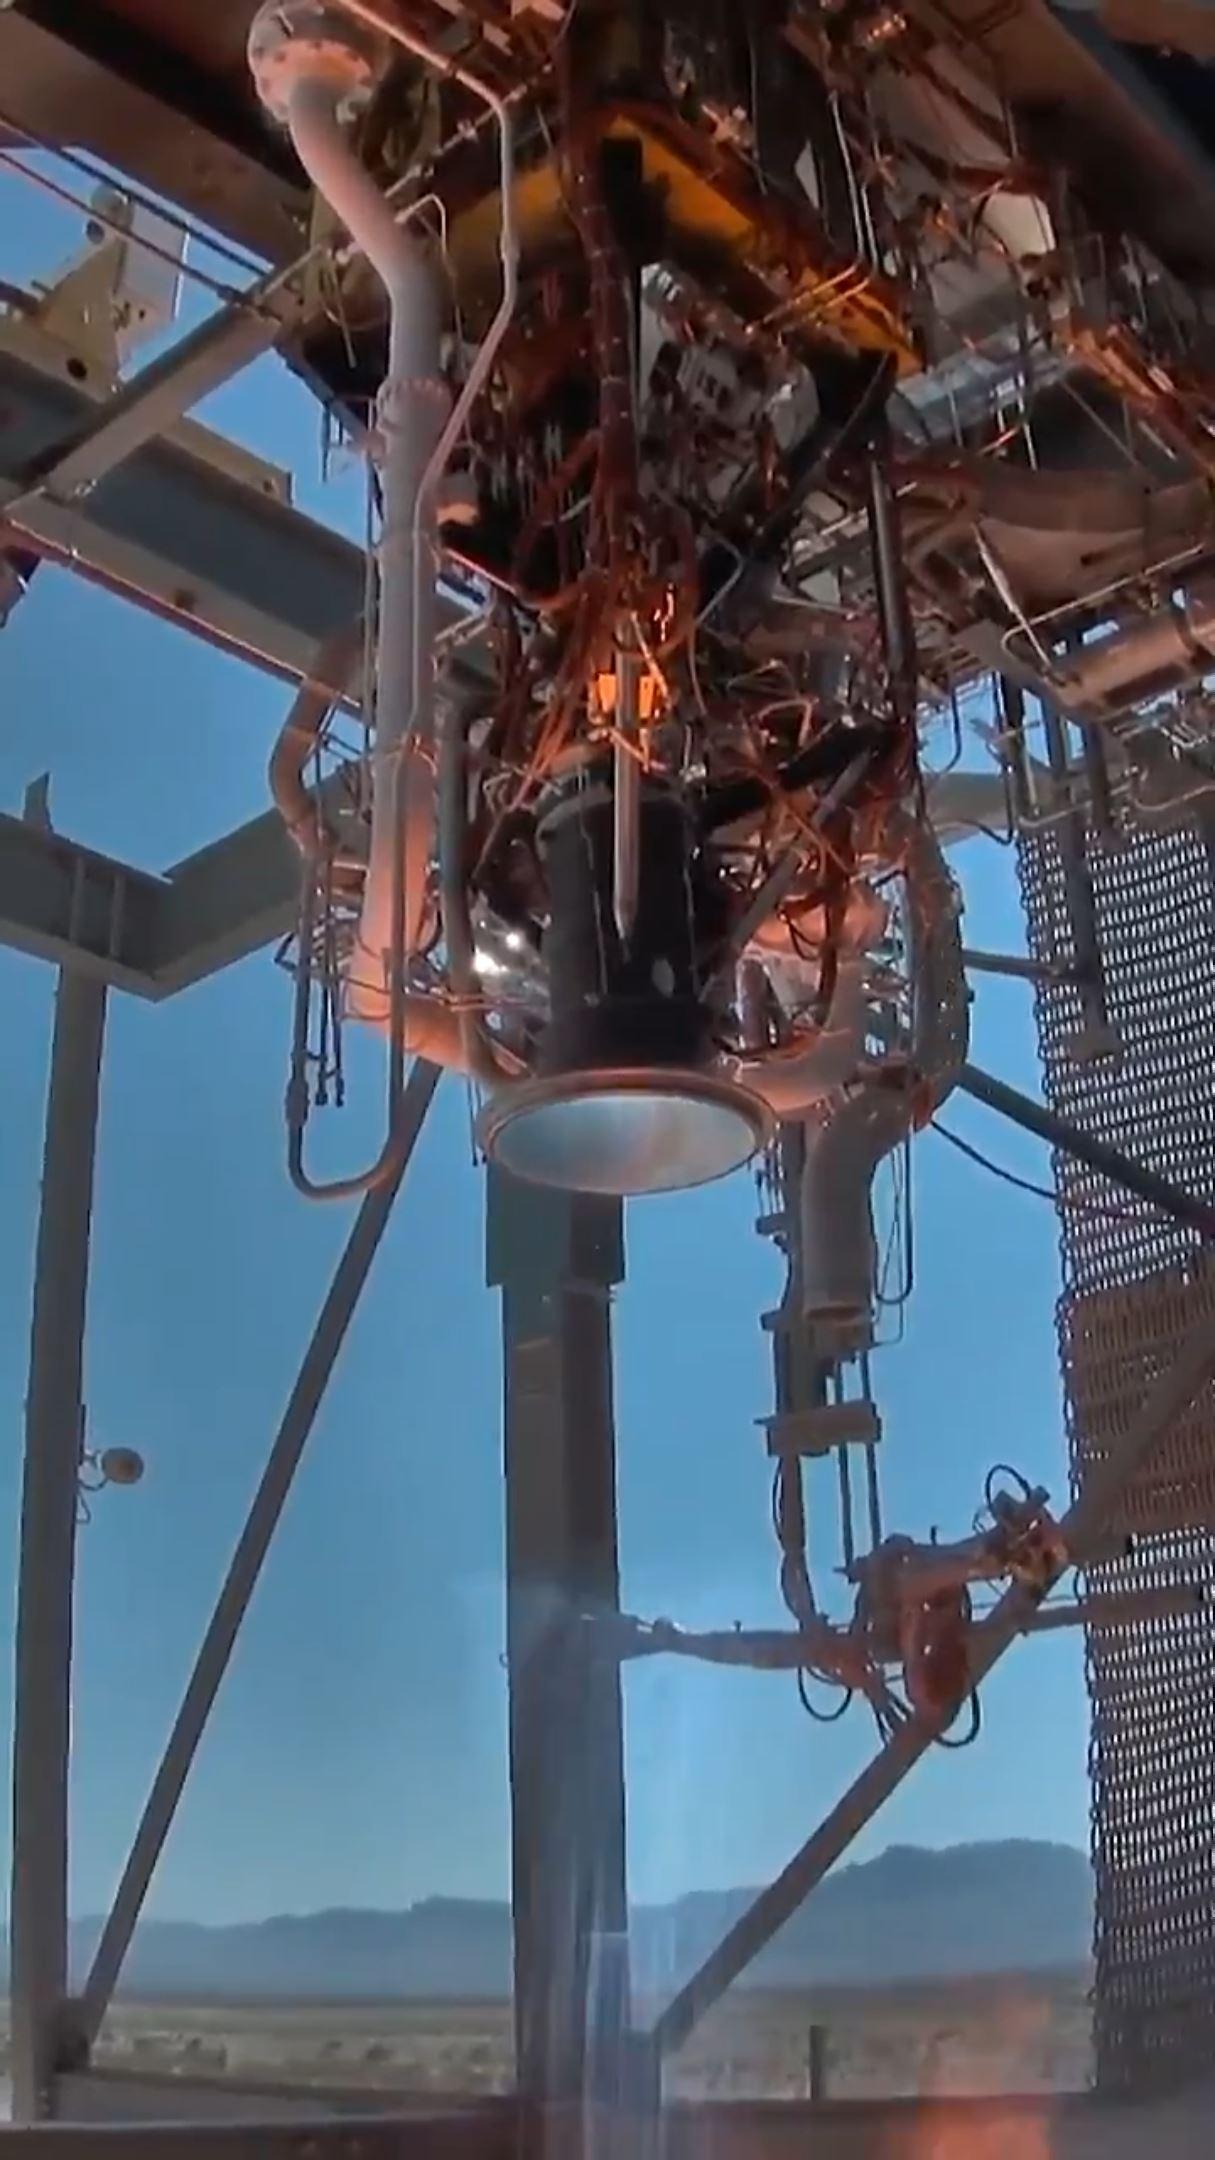 BE-3U static fire testing August 2018 (Blue Origin)